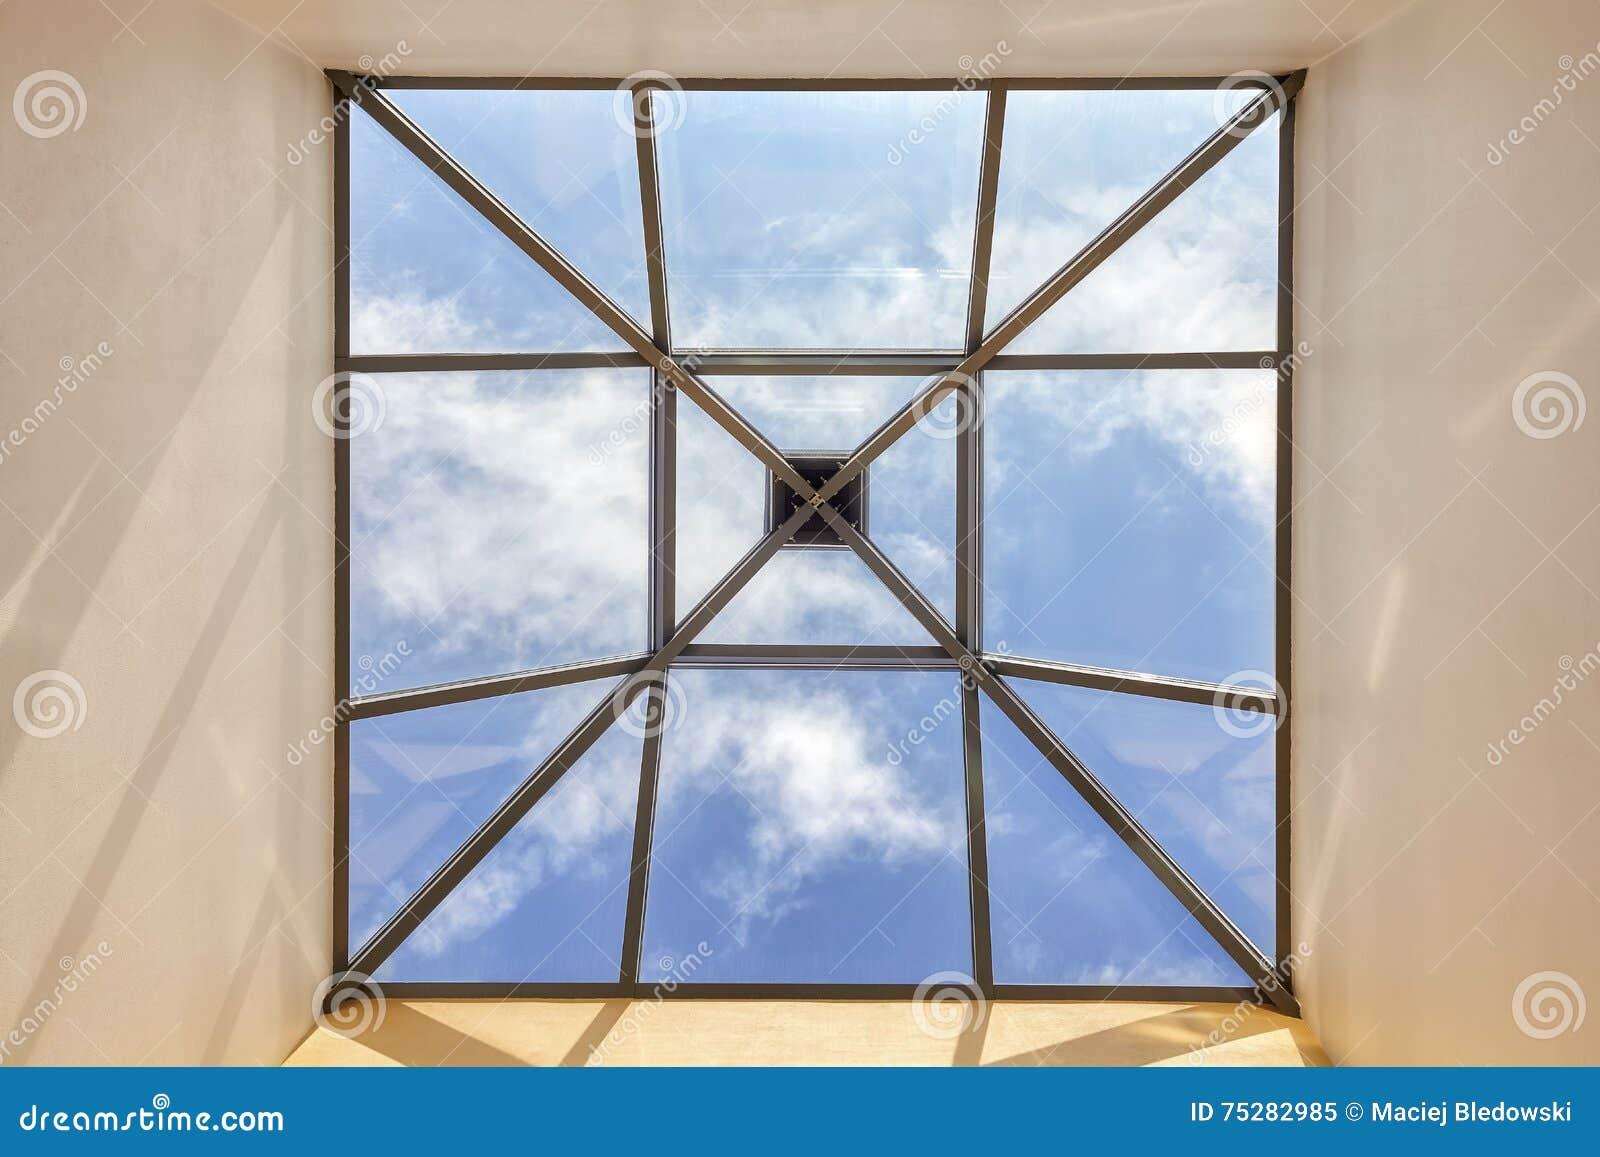 finestra in un soffitto con cielo blu immagine stock